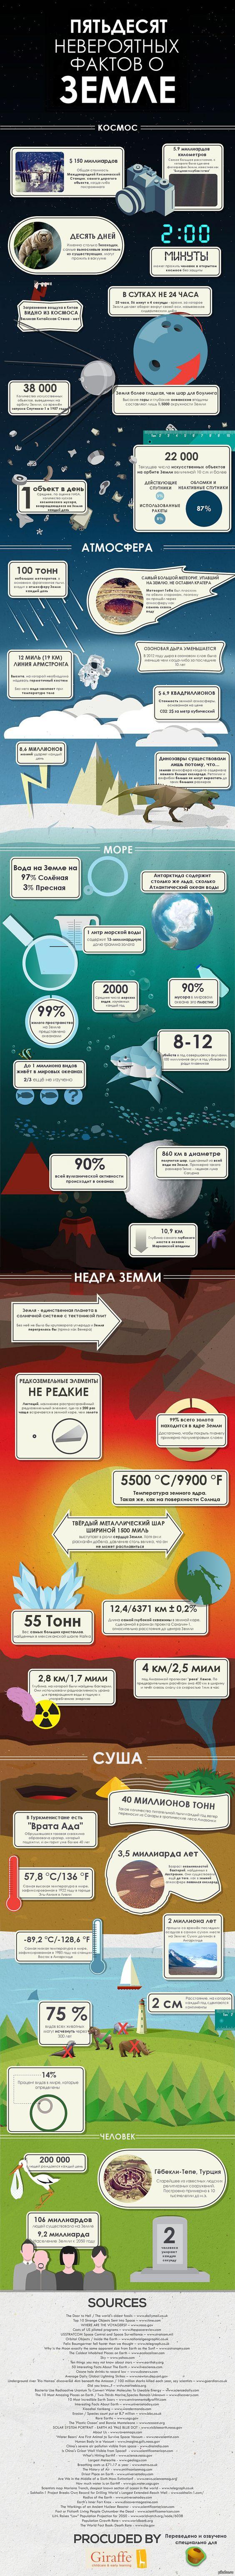 http://s2.uploads.ru/t/VuJvs.jpg